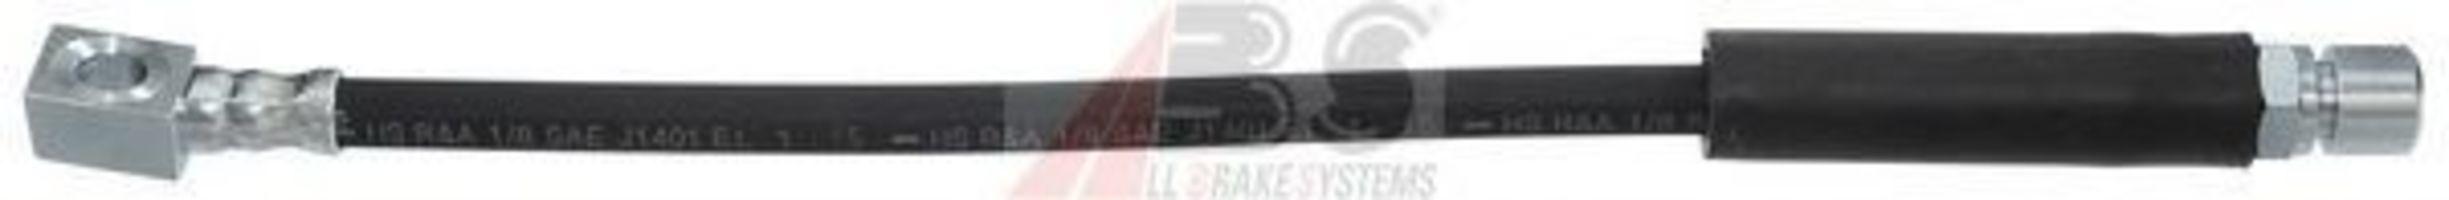 Шланг тормозной A.B.S. SL 3391